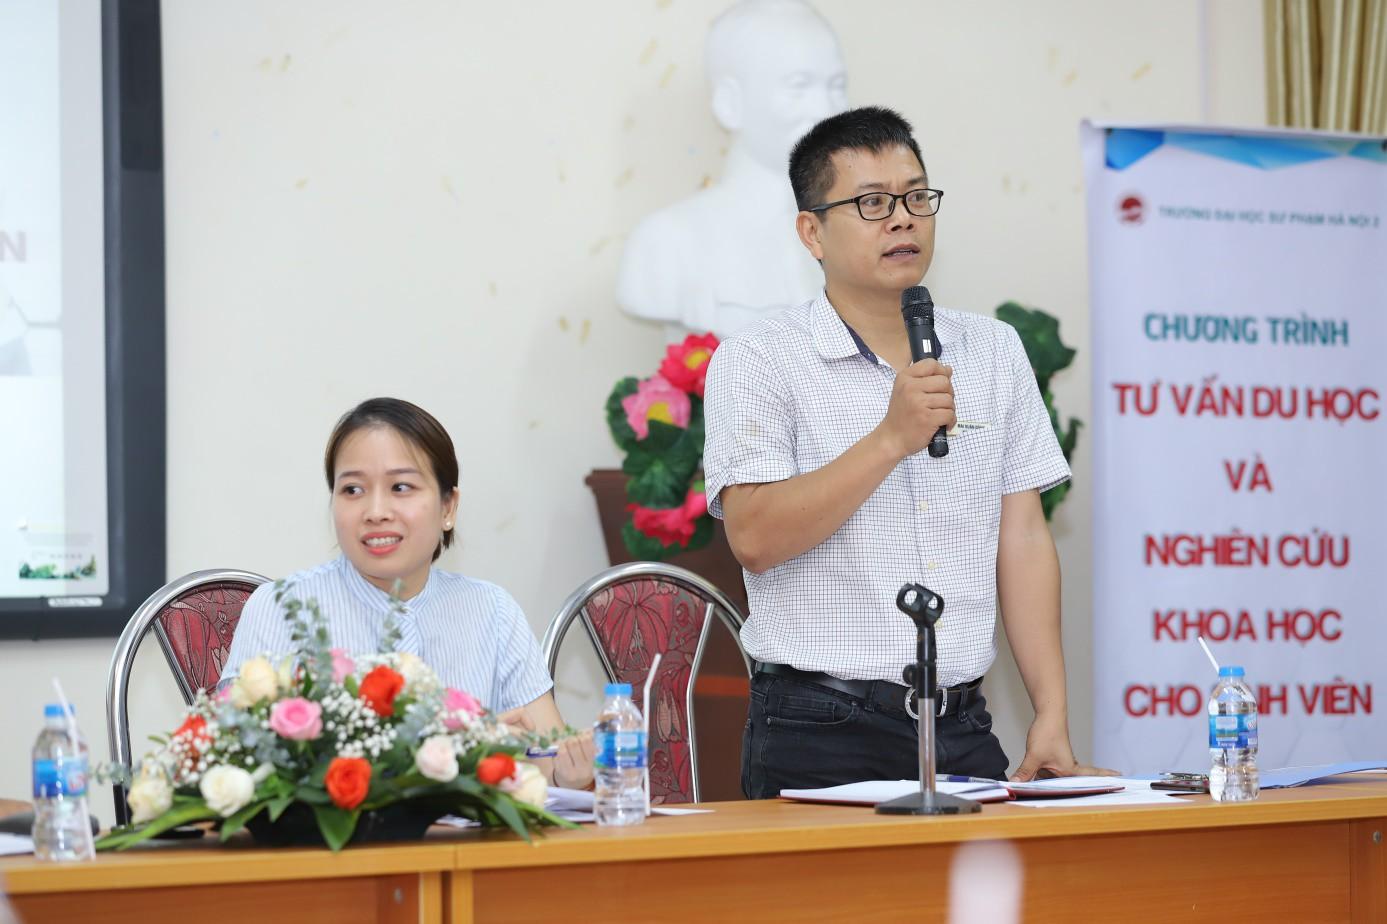 Trường Đại học Sư phạm Hà Nội 2 tăng cường tư vấn nghiên cứu khoa học và du học cho sinh viên